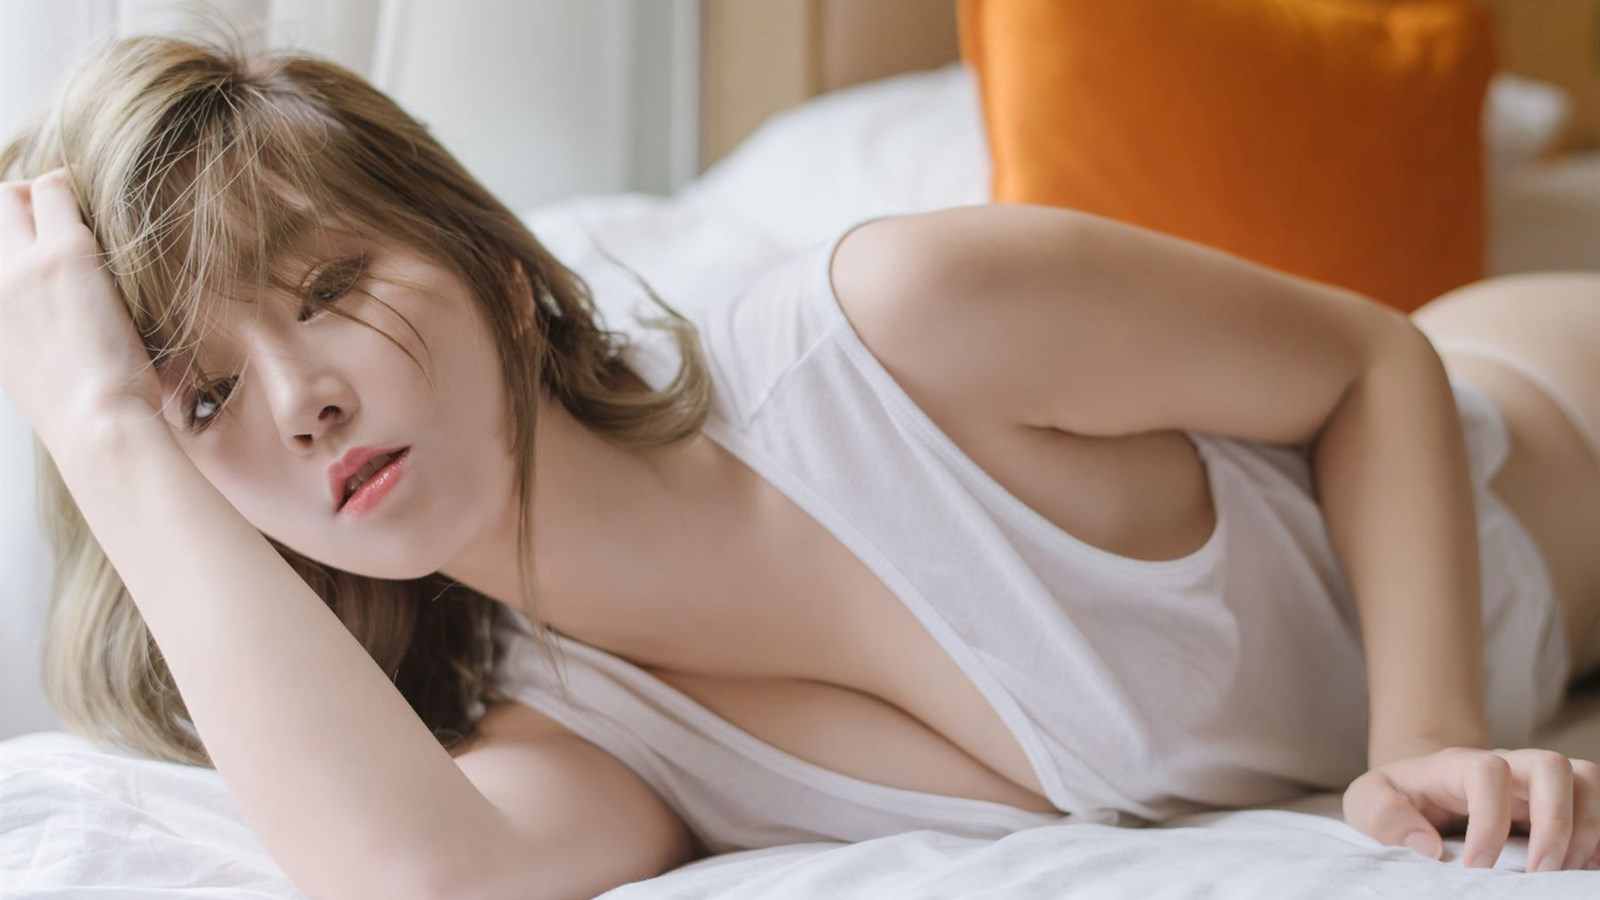 情圣满枫:约会女生, 做好这3个细节, 顺其自然的将她推倒